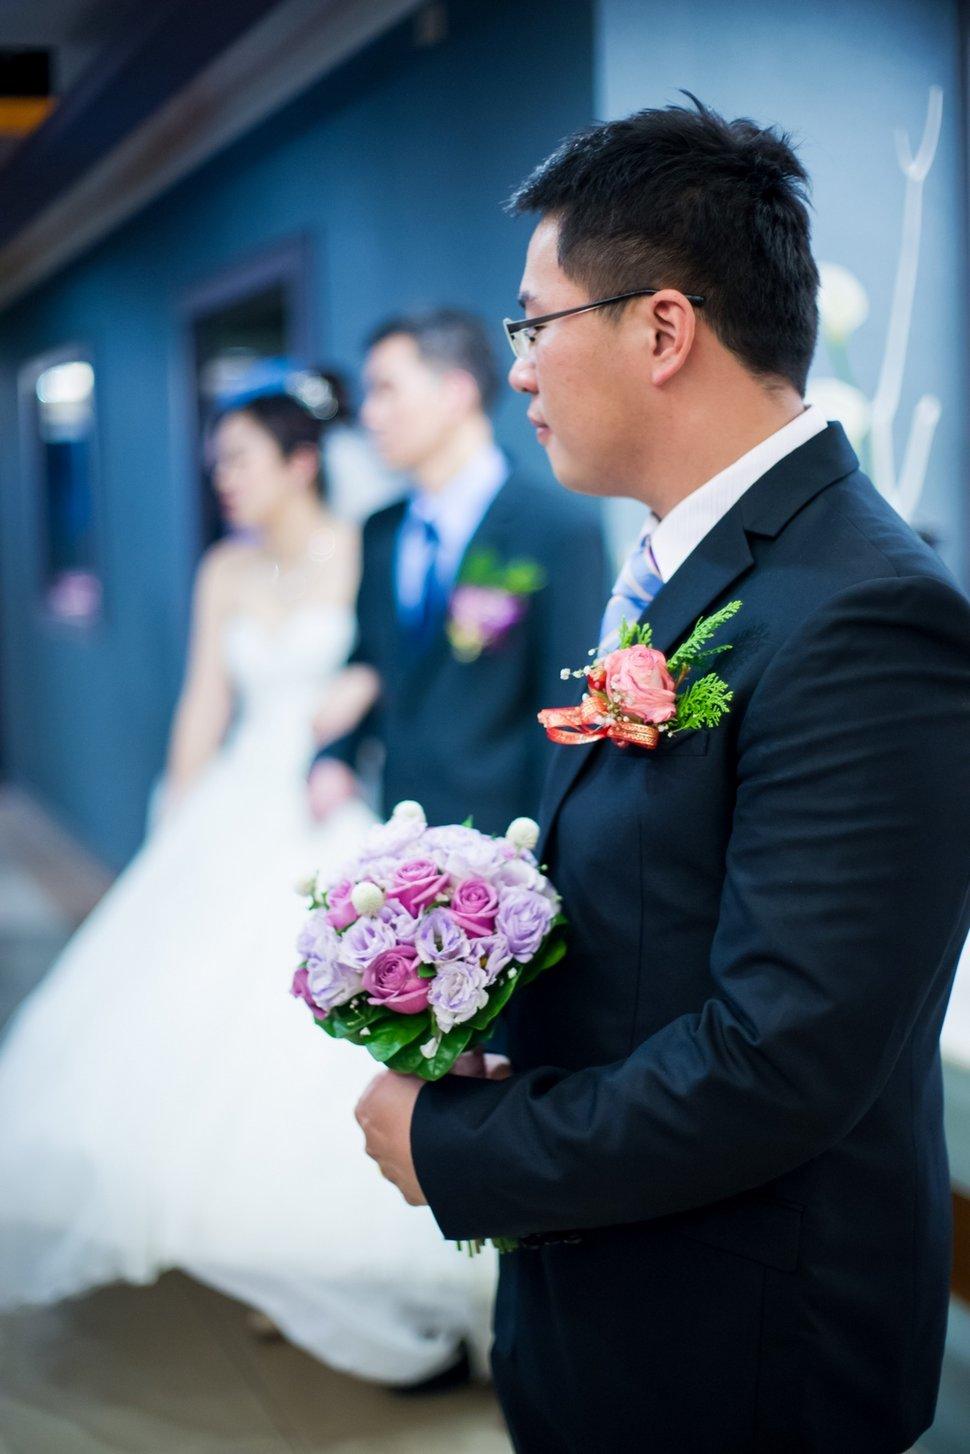 2014-01-19  0853 - 全職攝影師 Jerry  (婚攝杰瑞) - 結婚吧